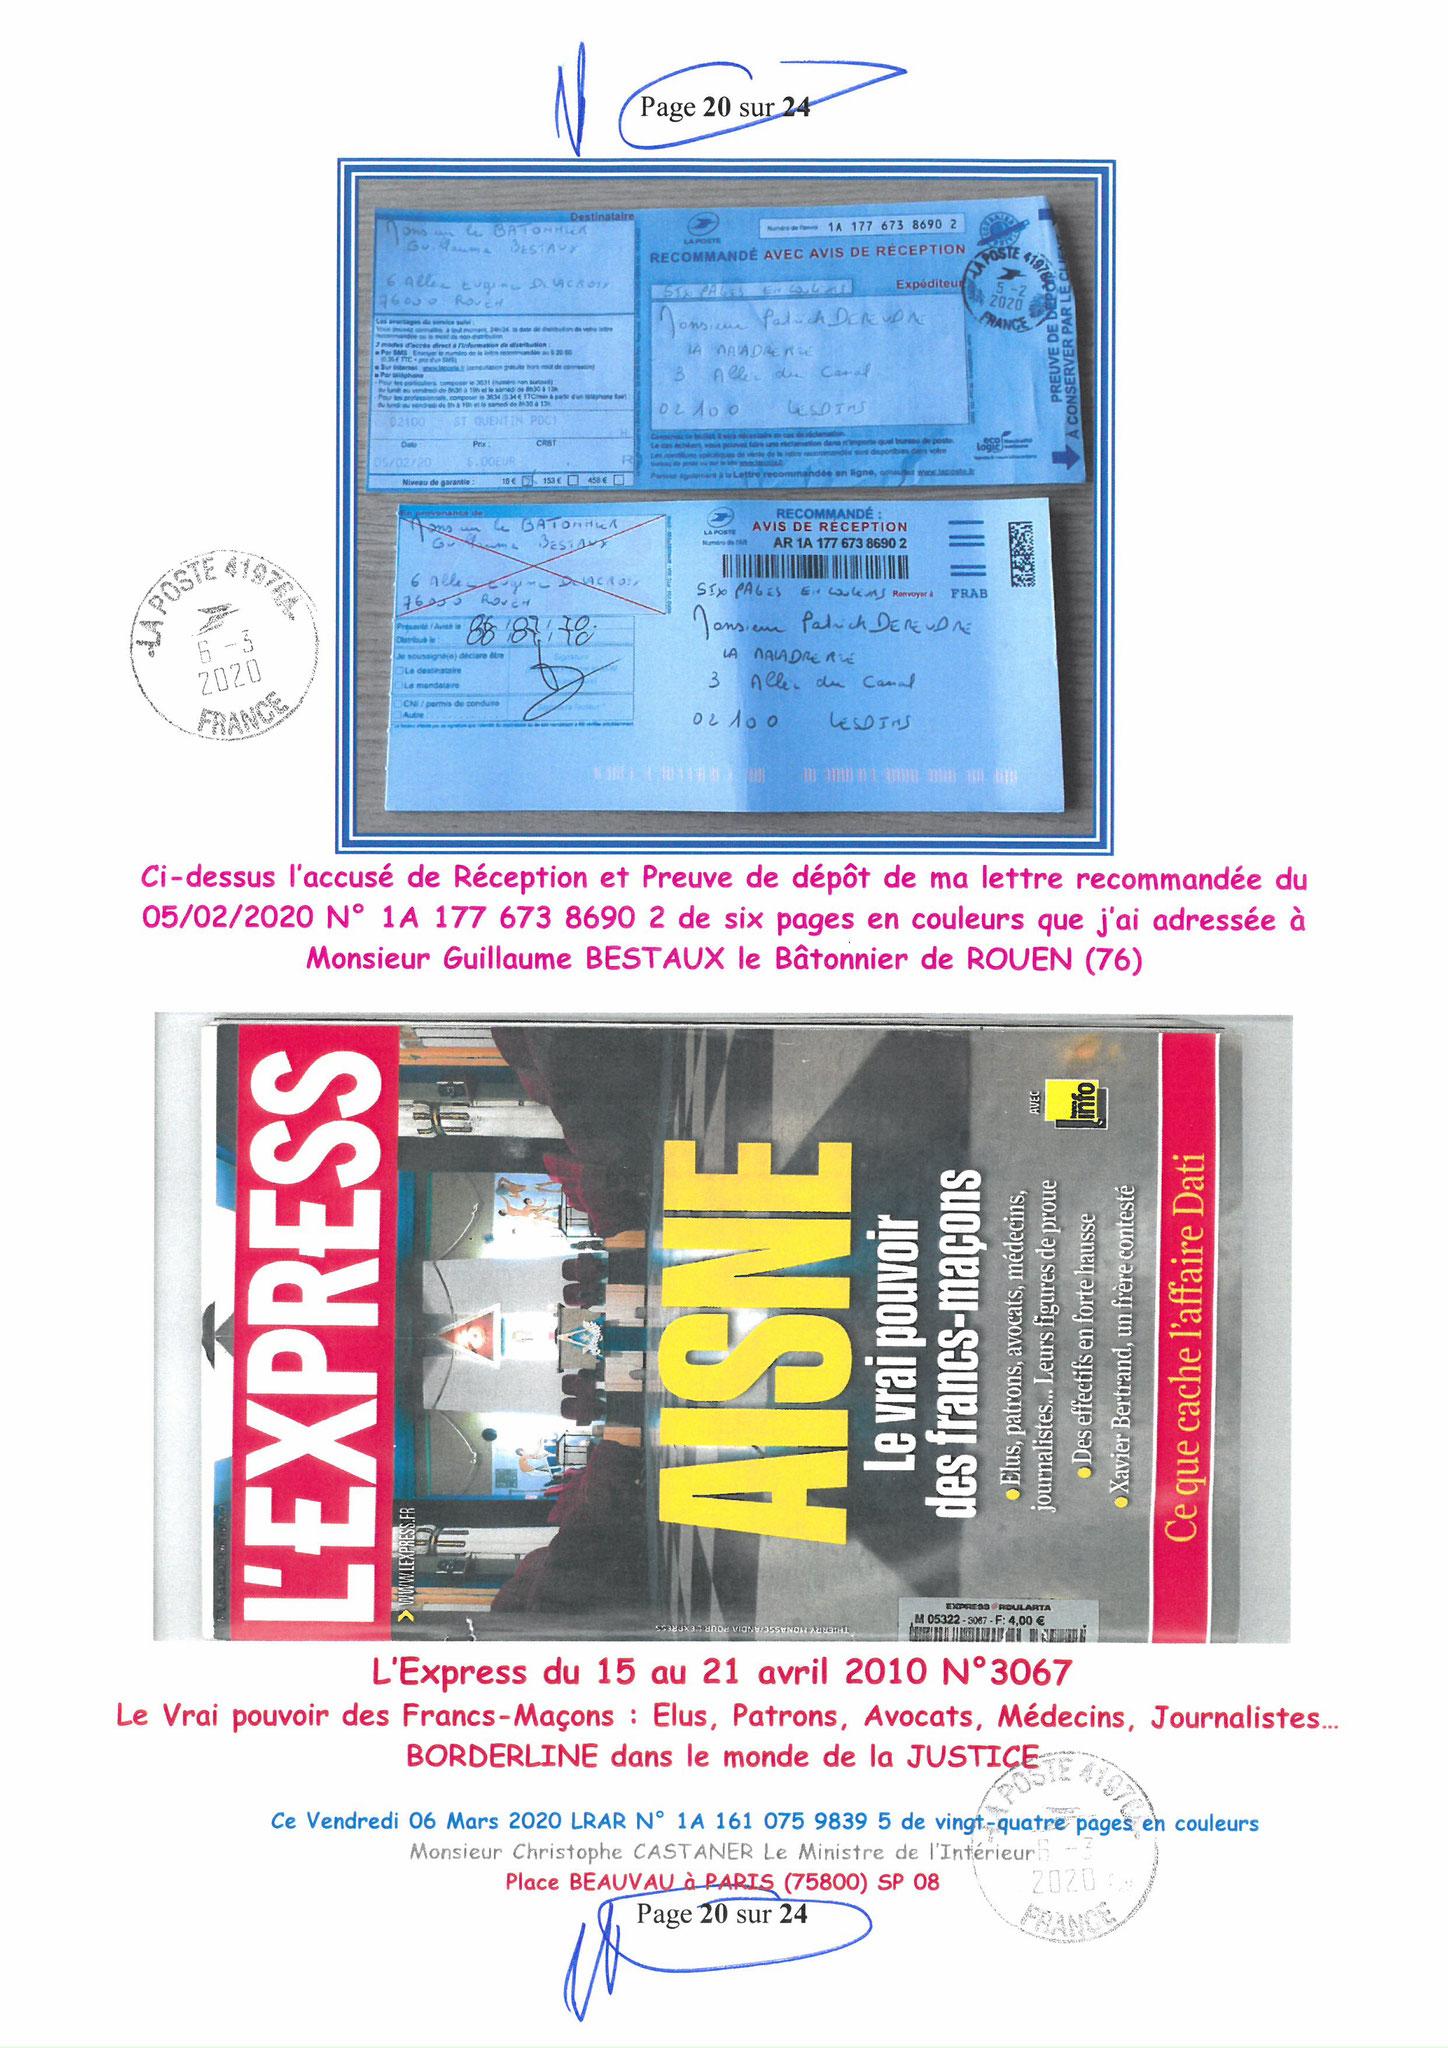 Ma LRAR à Monsieur le Ministre de l'Intérieur Christophe CASTANER N°1A 161 075 9839 5  Page 20 sur 24 en couleur du 06 Mars 2020  www.jesuispatrick.fr